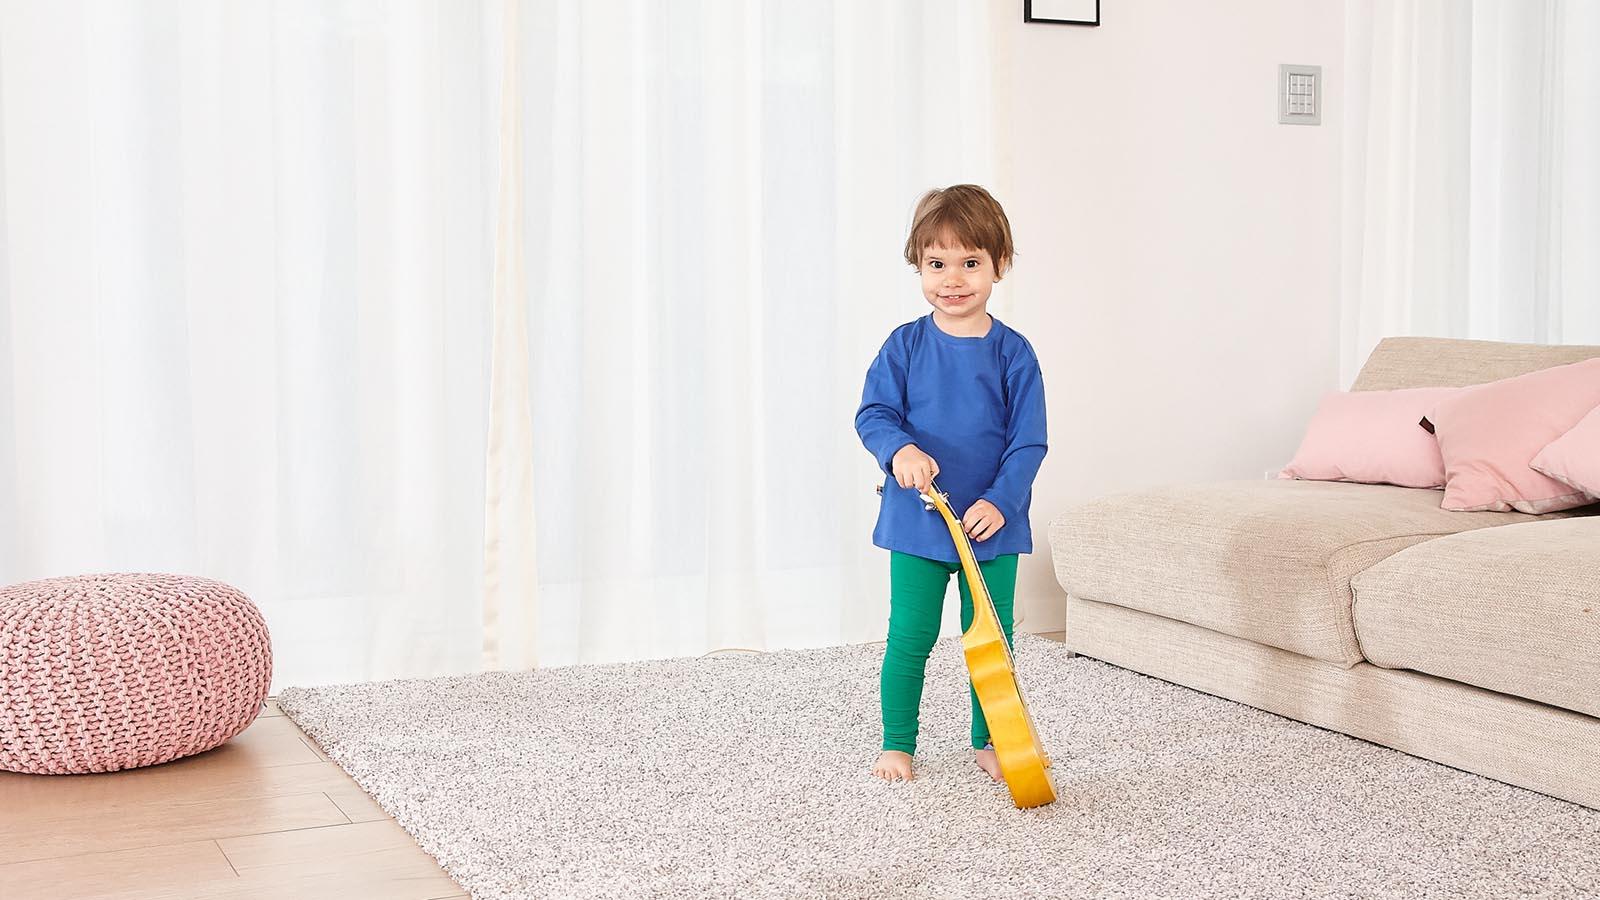 dziecko w kolorowych ubraniach